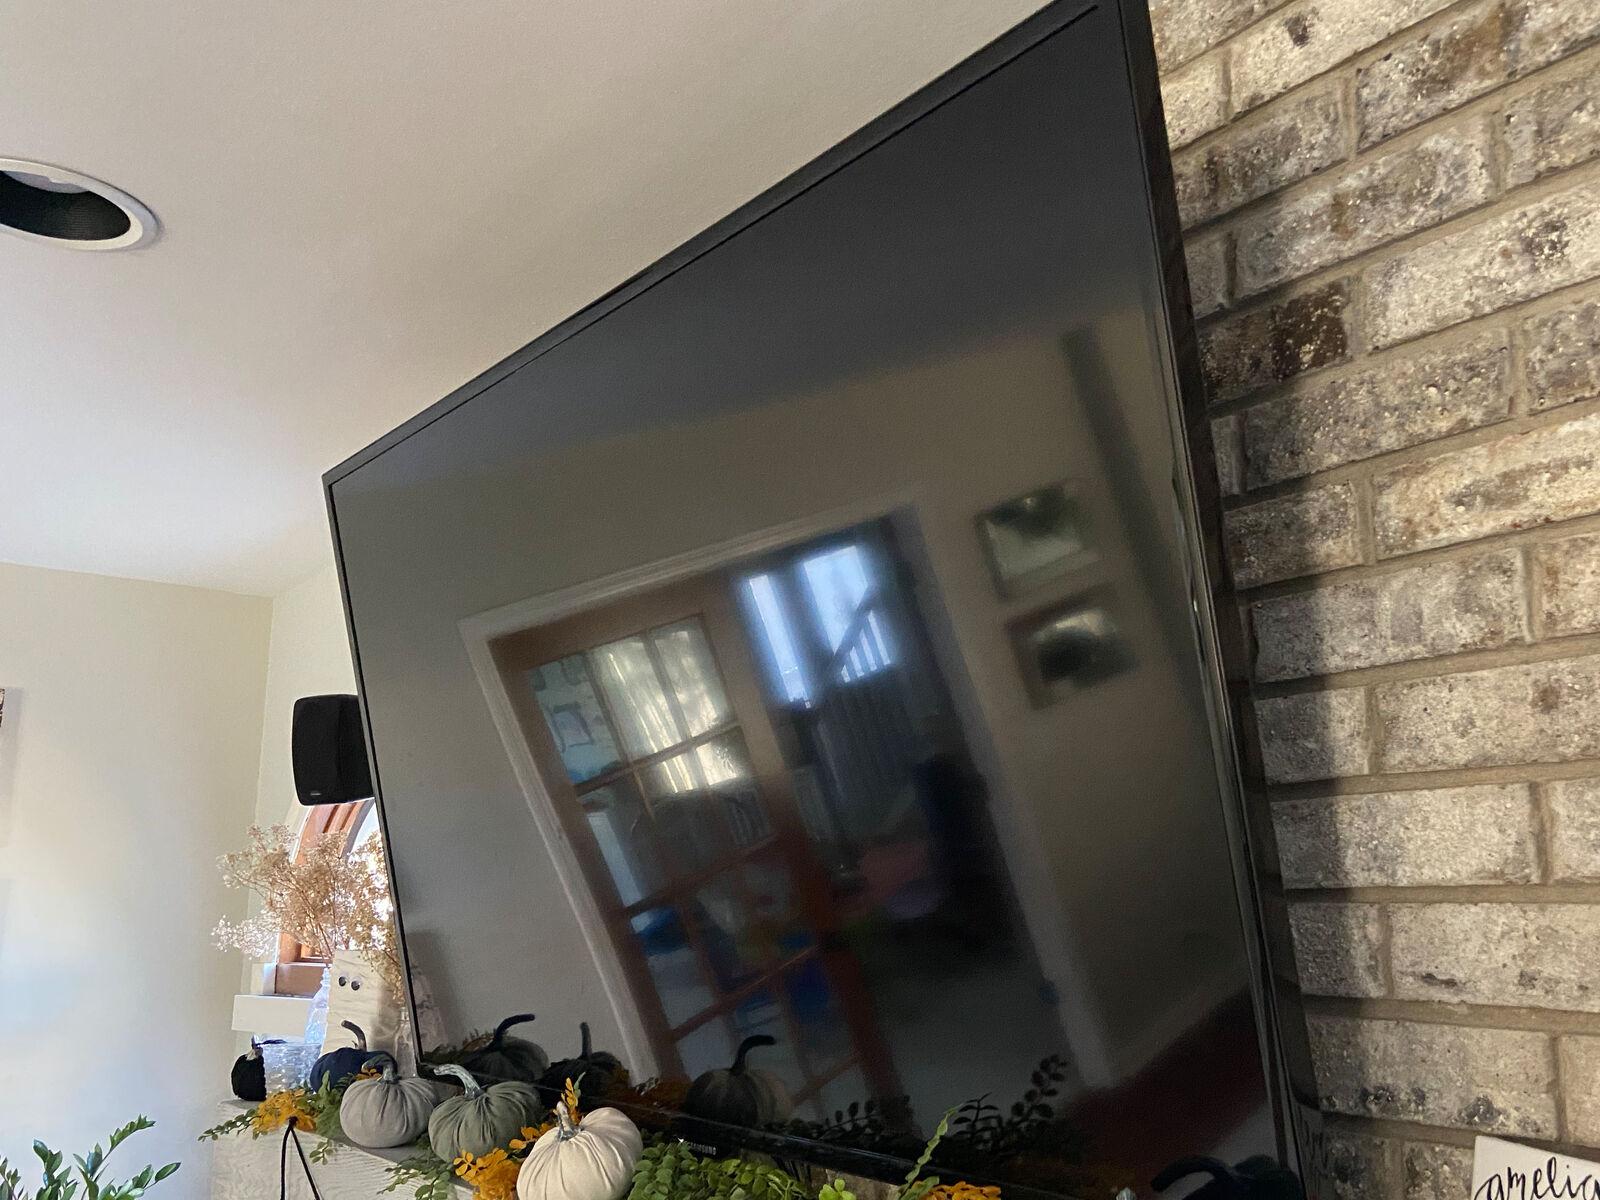 TV mounted to masonry above a fireplace